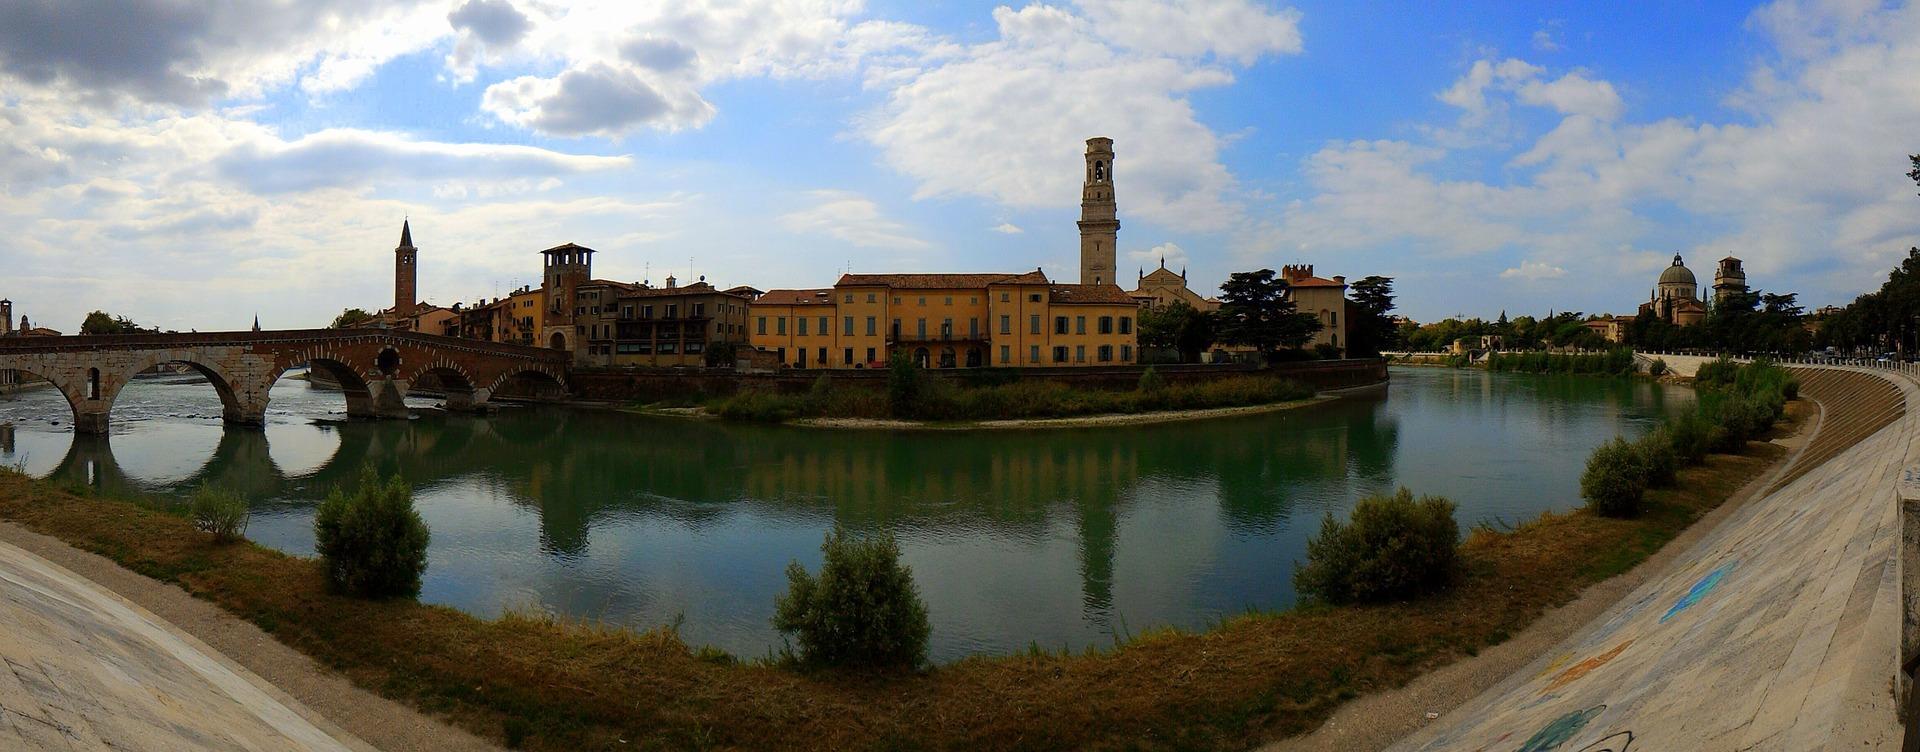 Verona's landscape